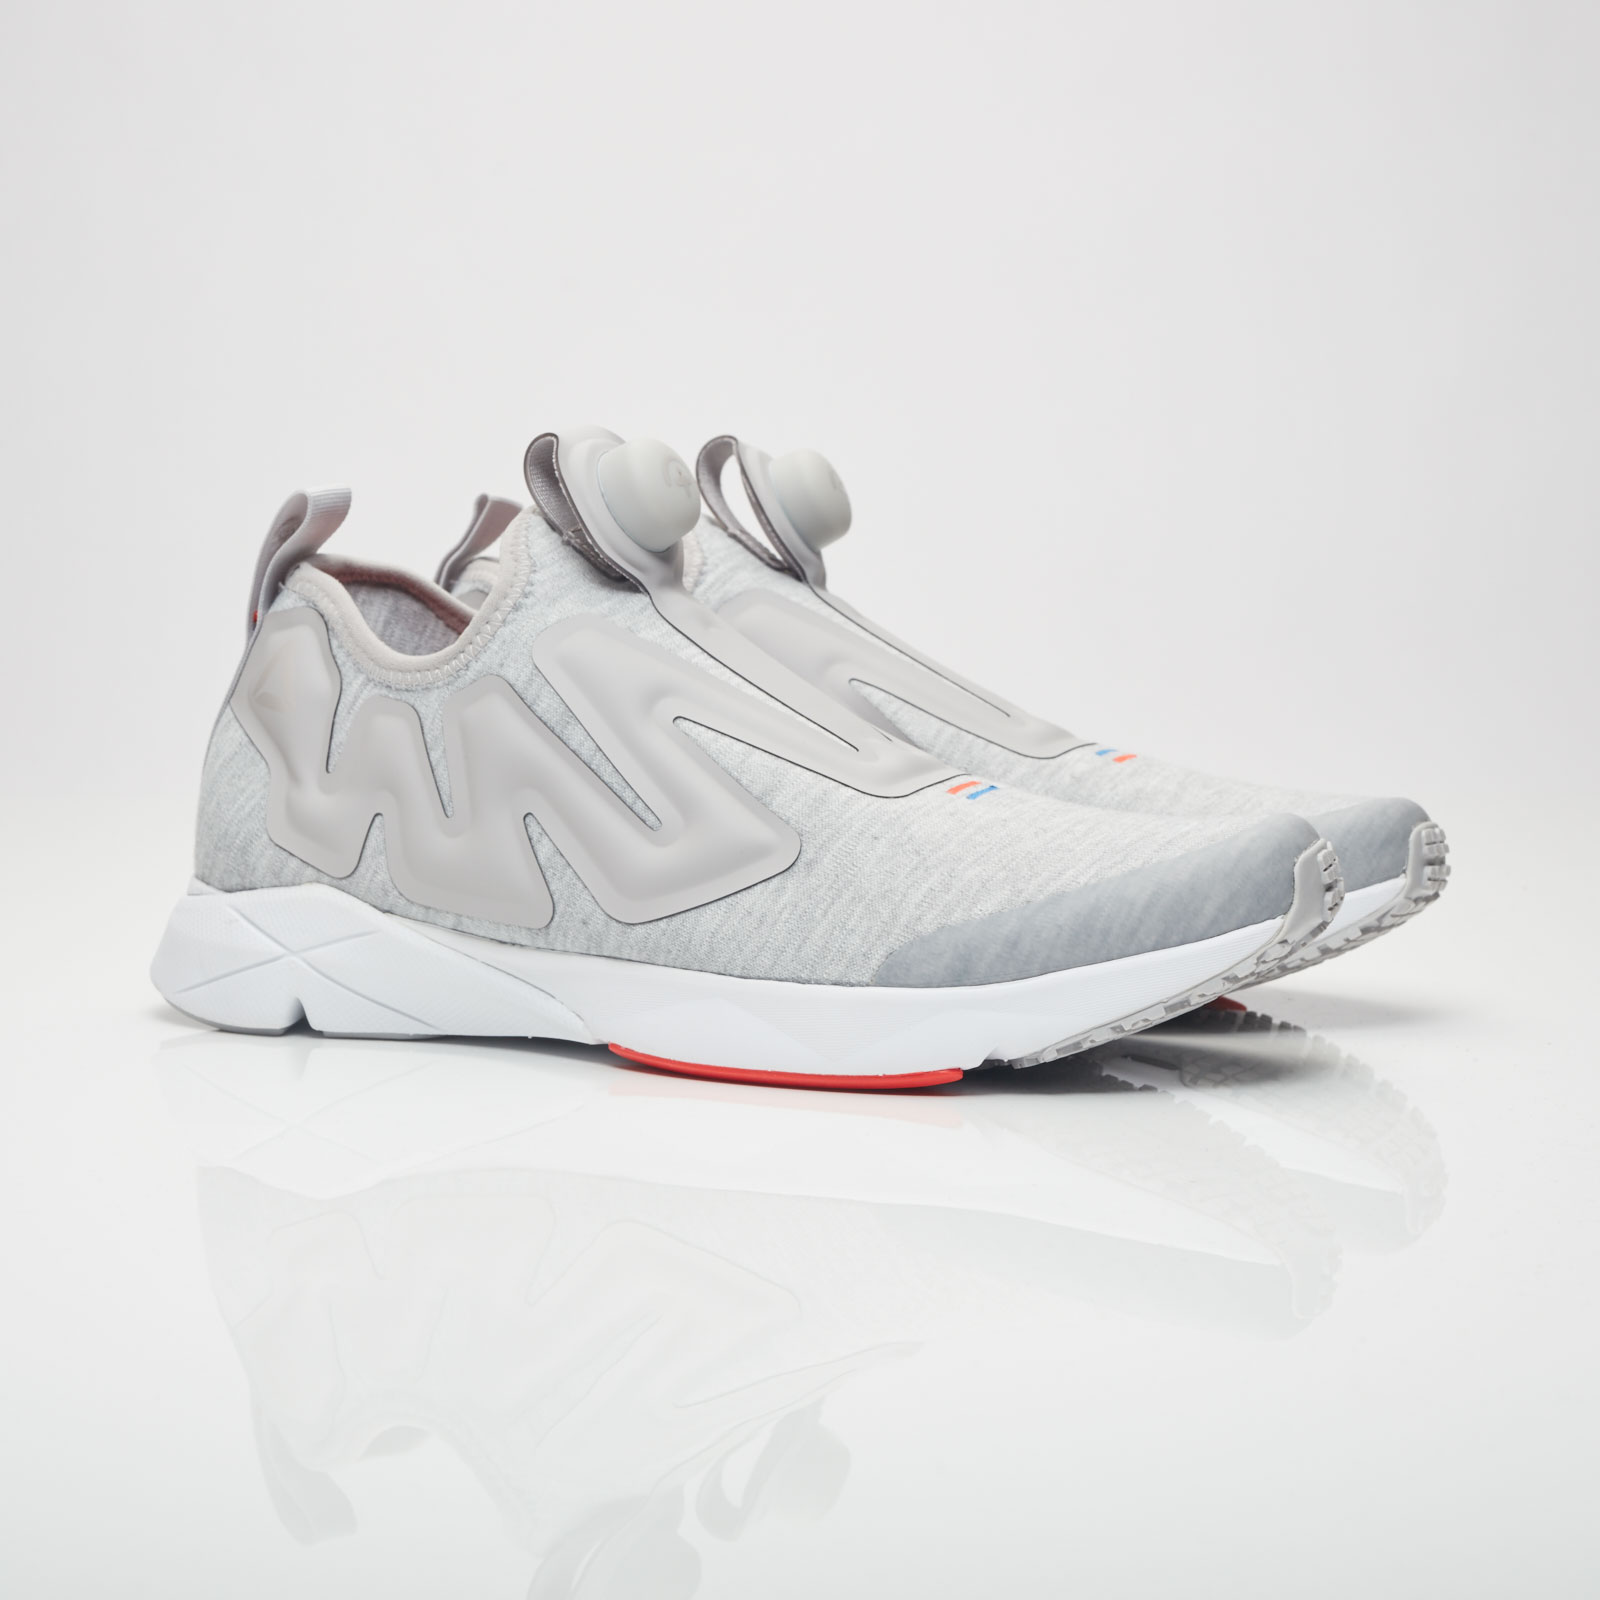 eaf6587a8189 Reebok Pump Plus Supreme Hoodie - Bs7038 - Sneakersnstuff